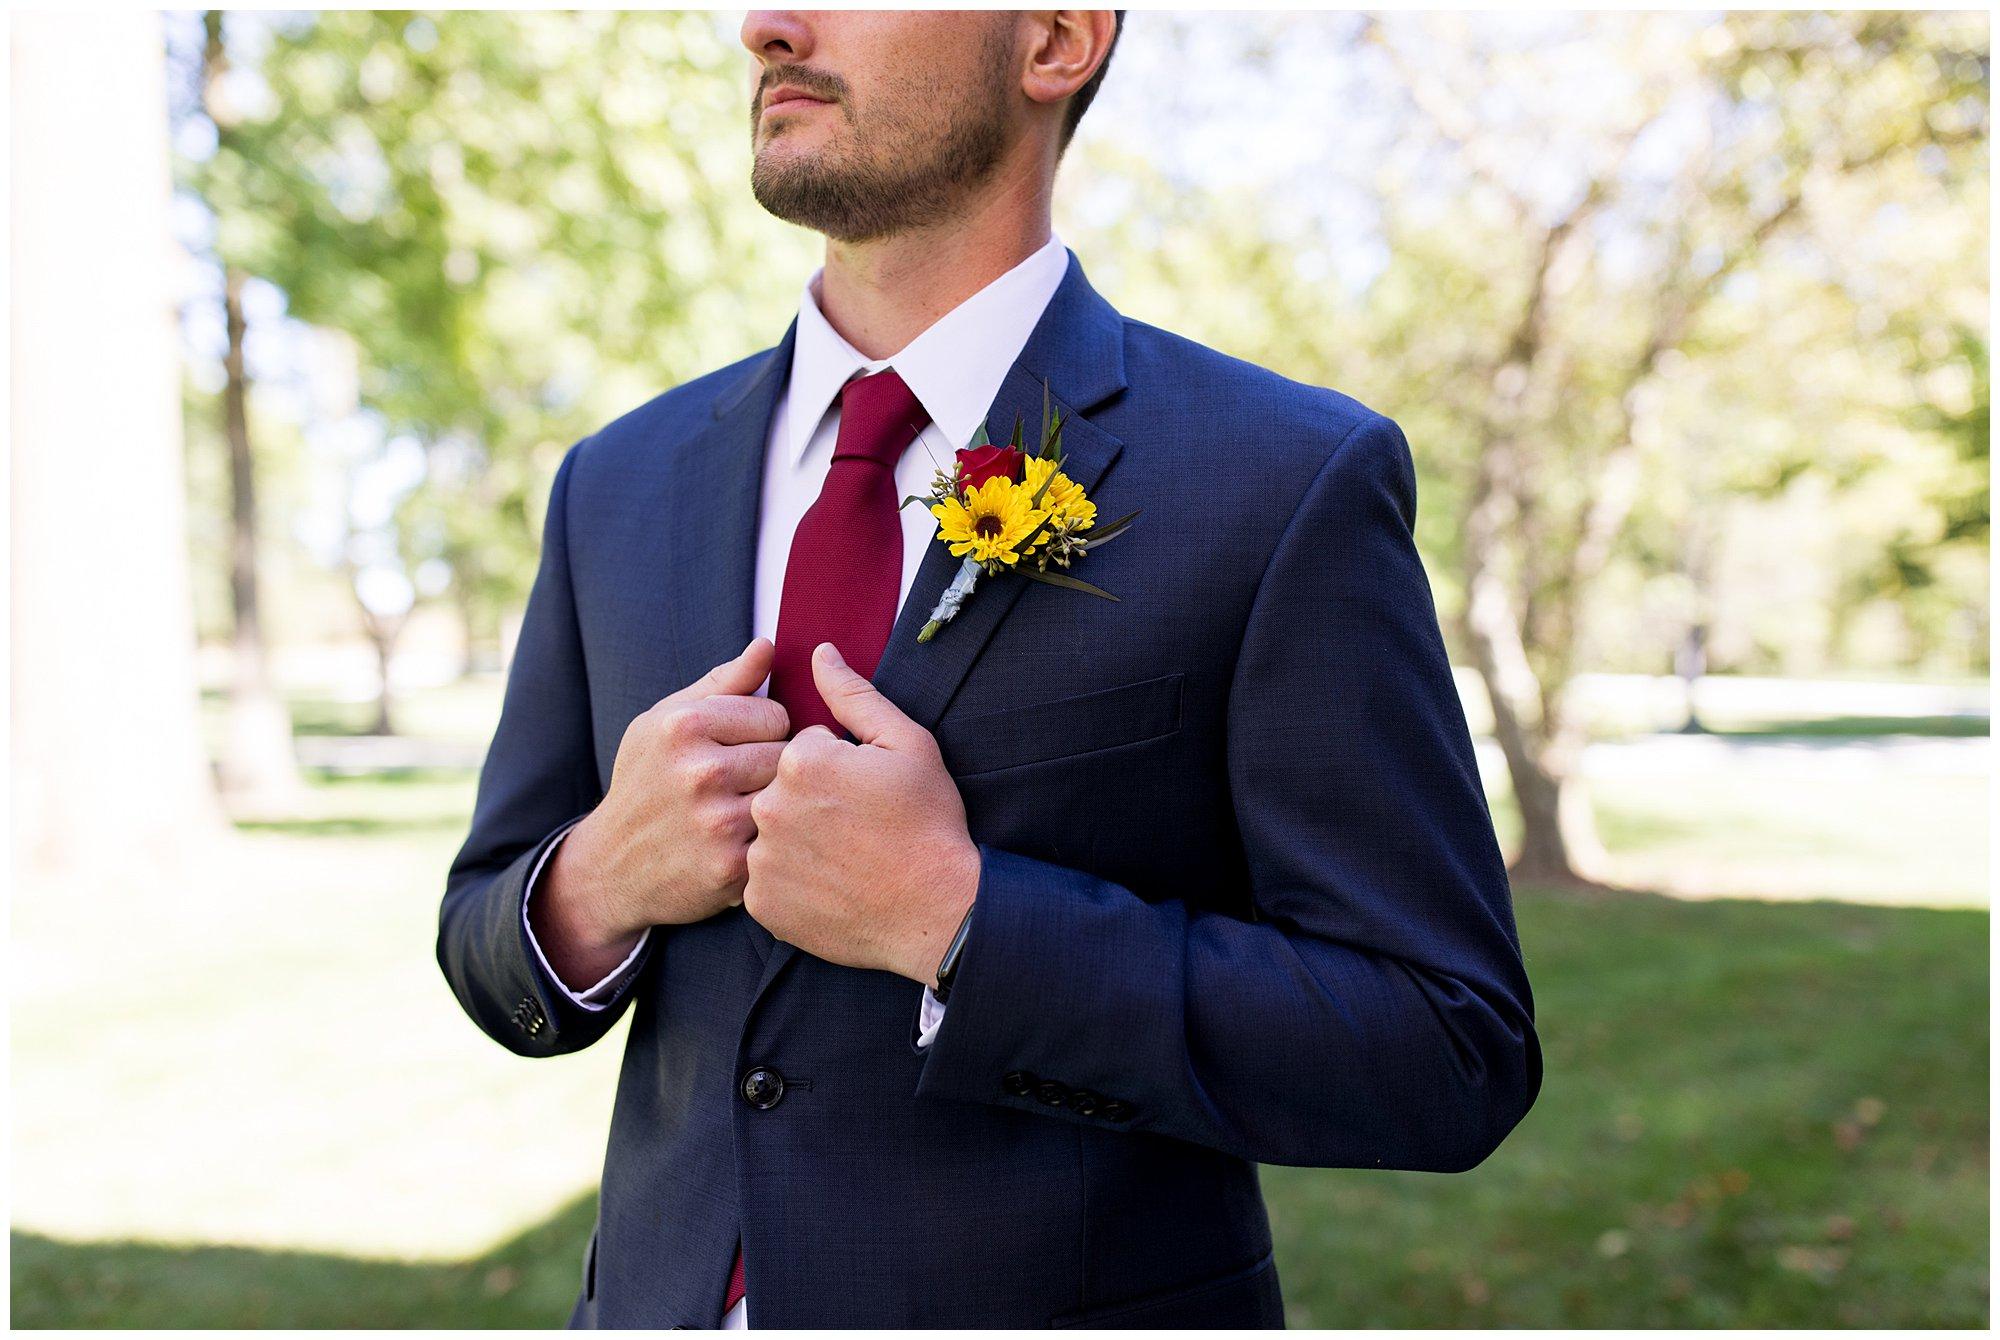 groom wedding photos at Legacy Barn venue in Kokomo Indiana